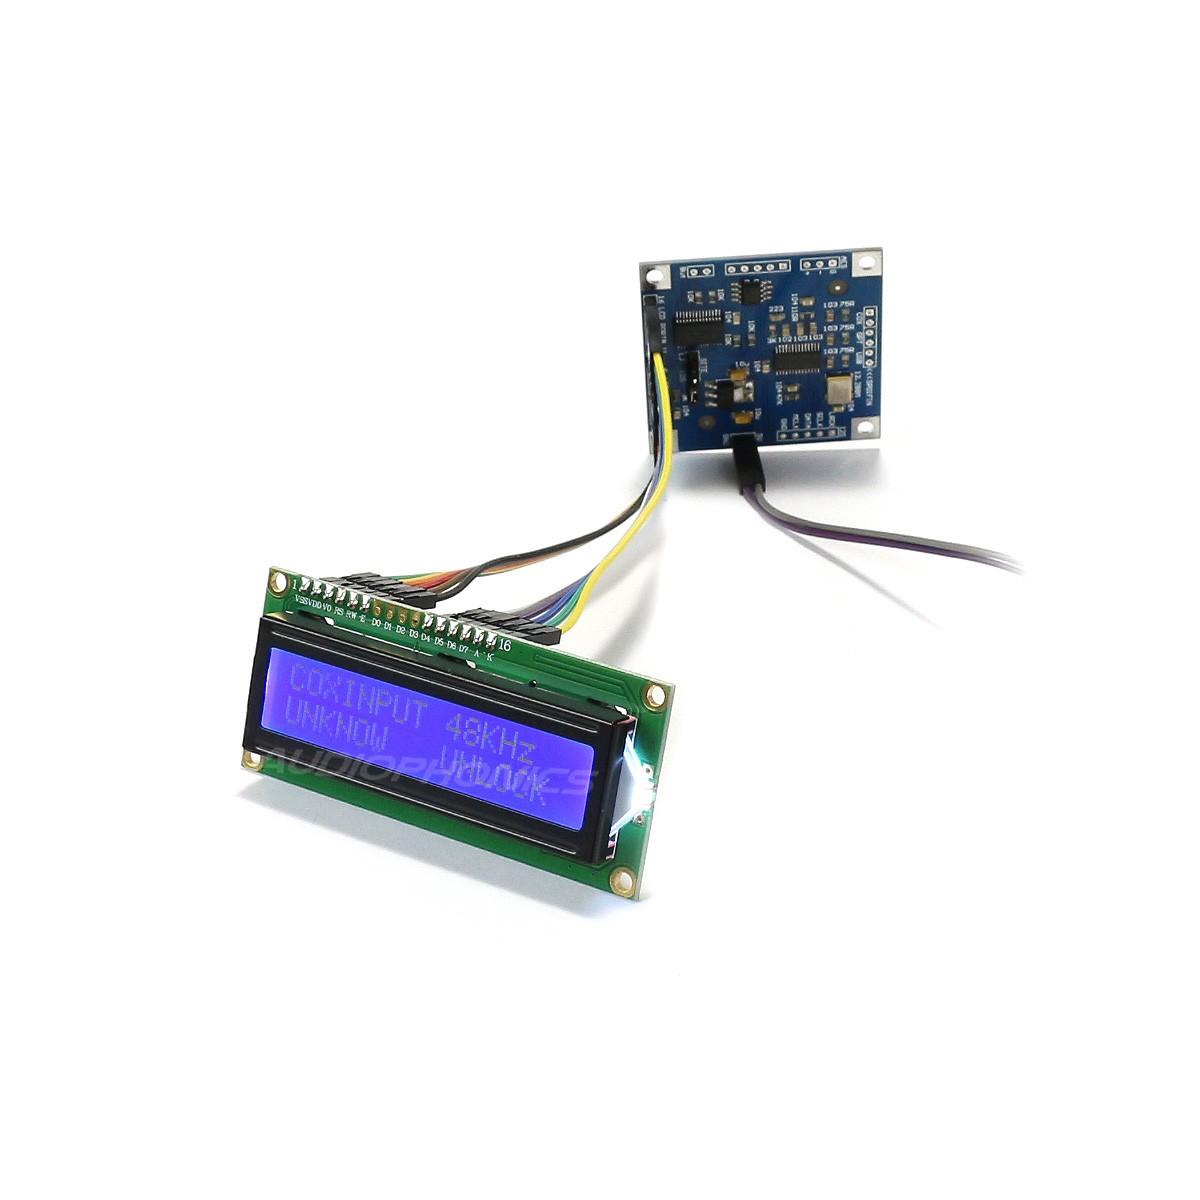 Module Sélecteur de Source CS8416 4 Entrées SPDIF vers 1 Sortie I2S avec Écran LCD